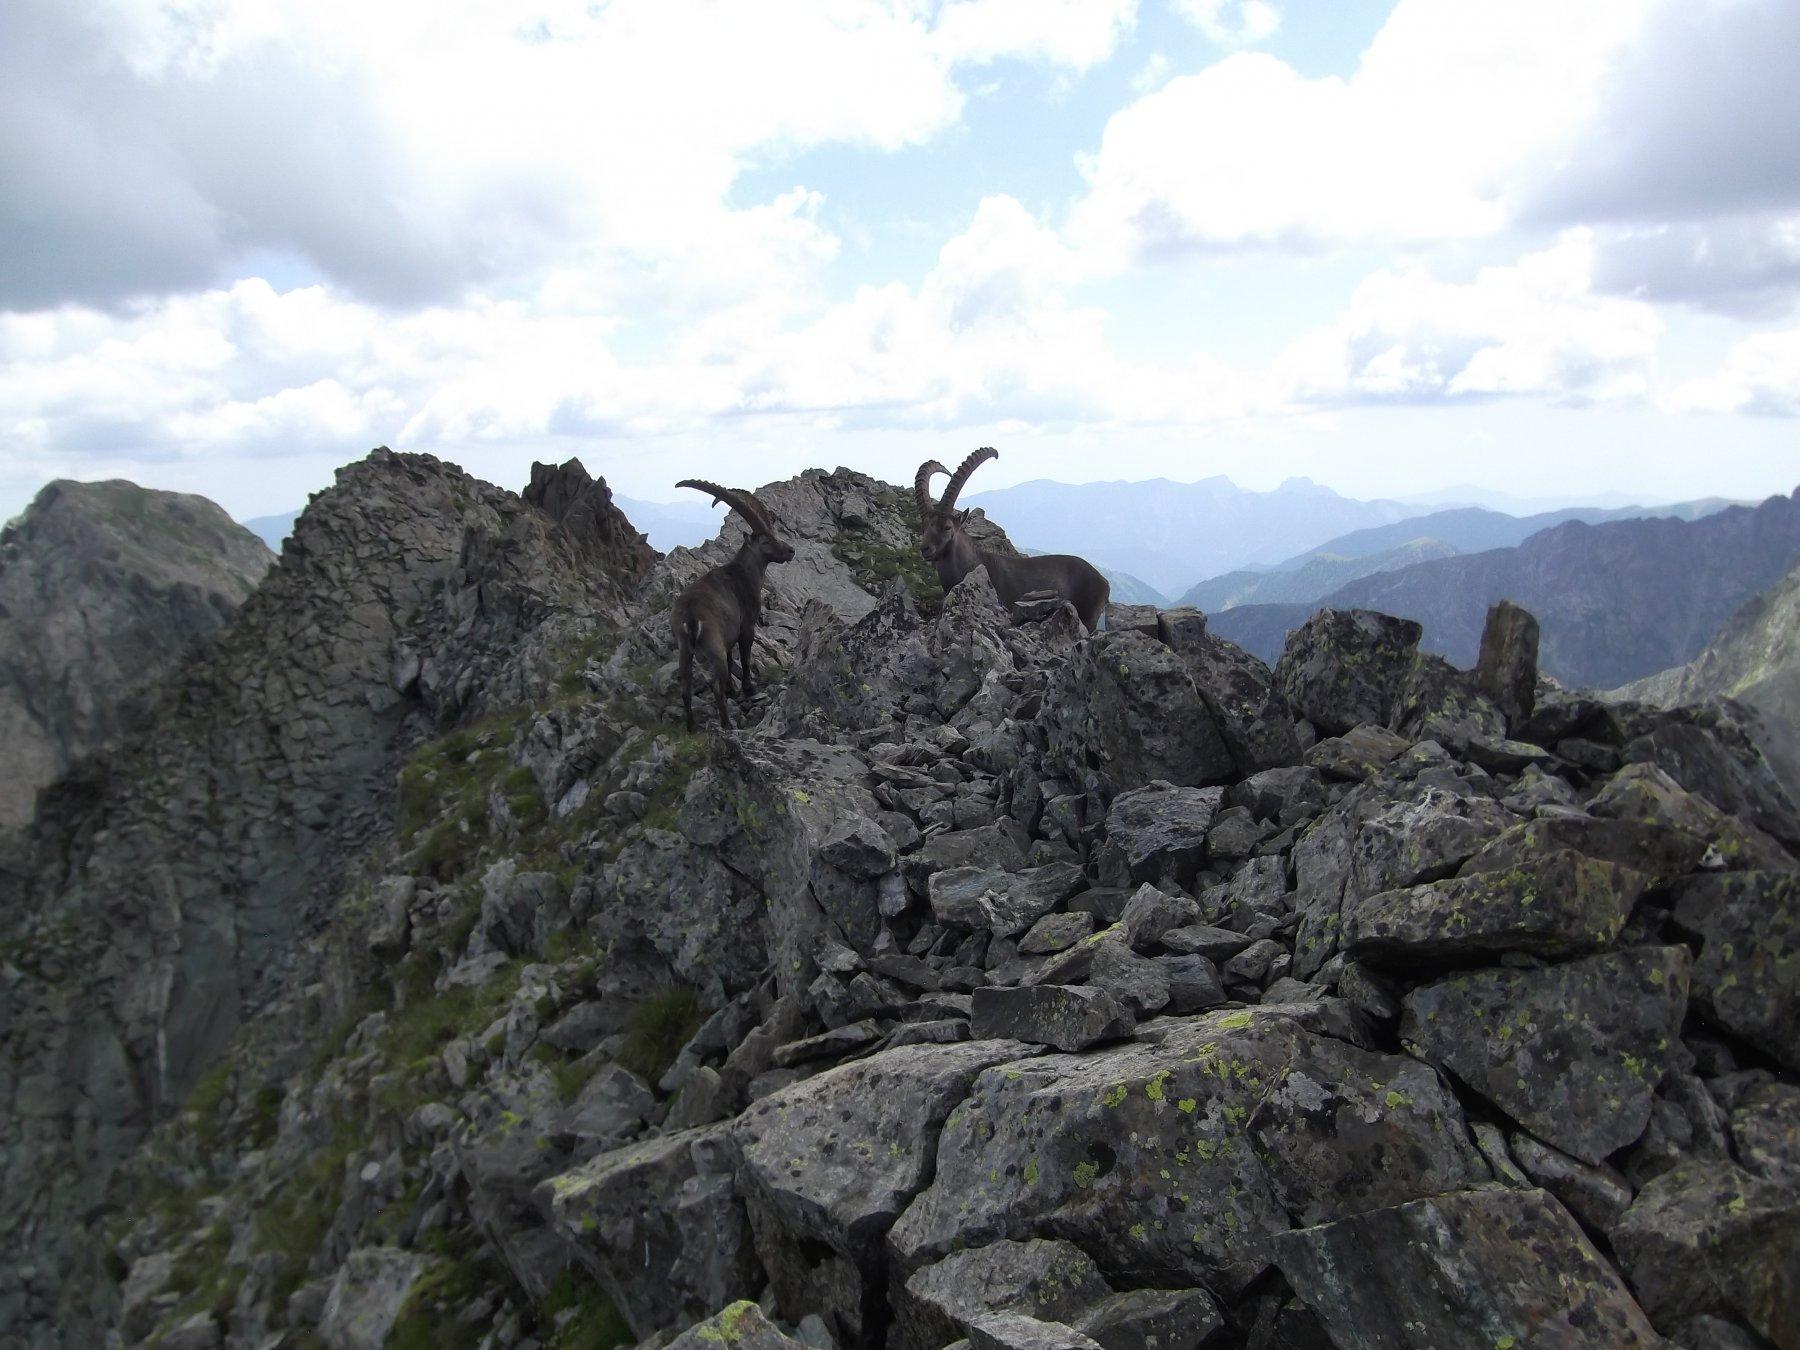 La cresta da percorrere con in fondo a sx la Cima di Vernasca.